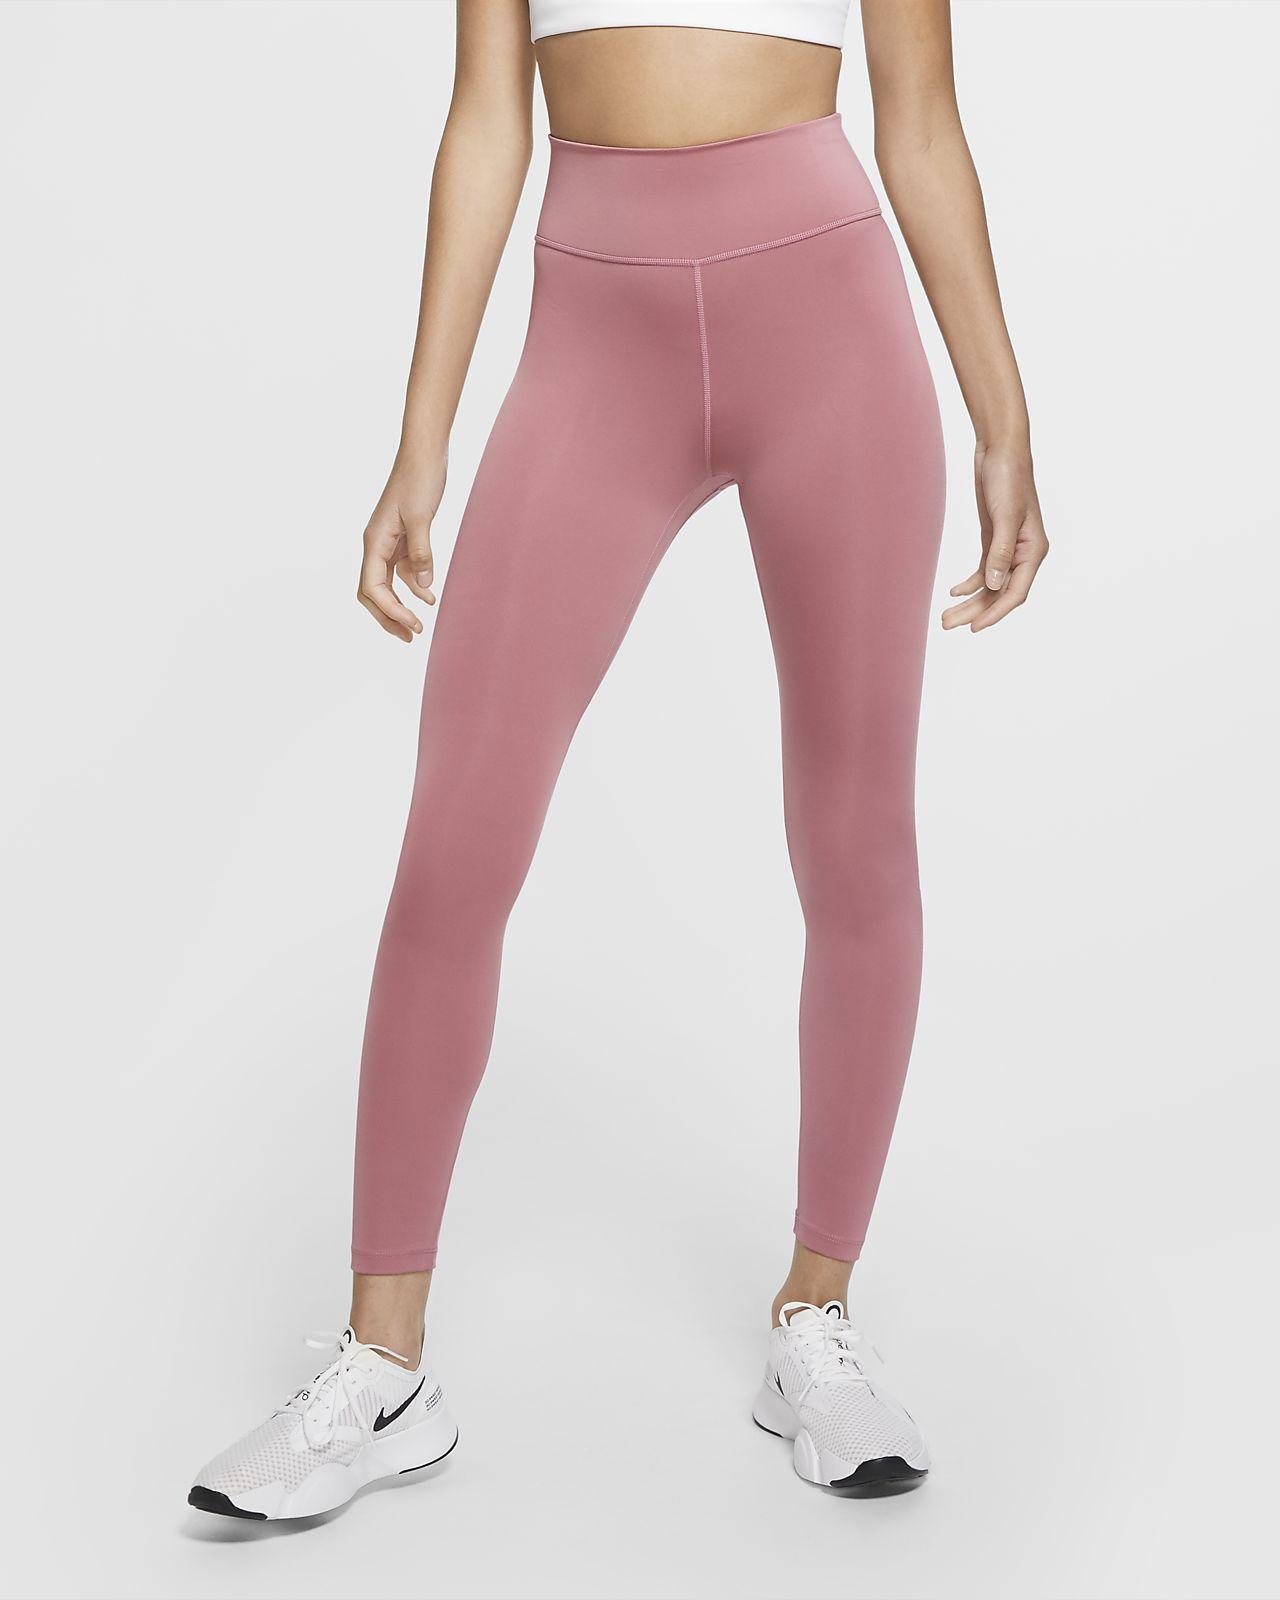 กางเกงรัดรูปผู้หญิง 7/8 ส่วนมีกราฟิก Nike One